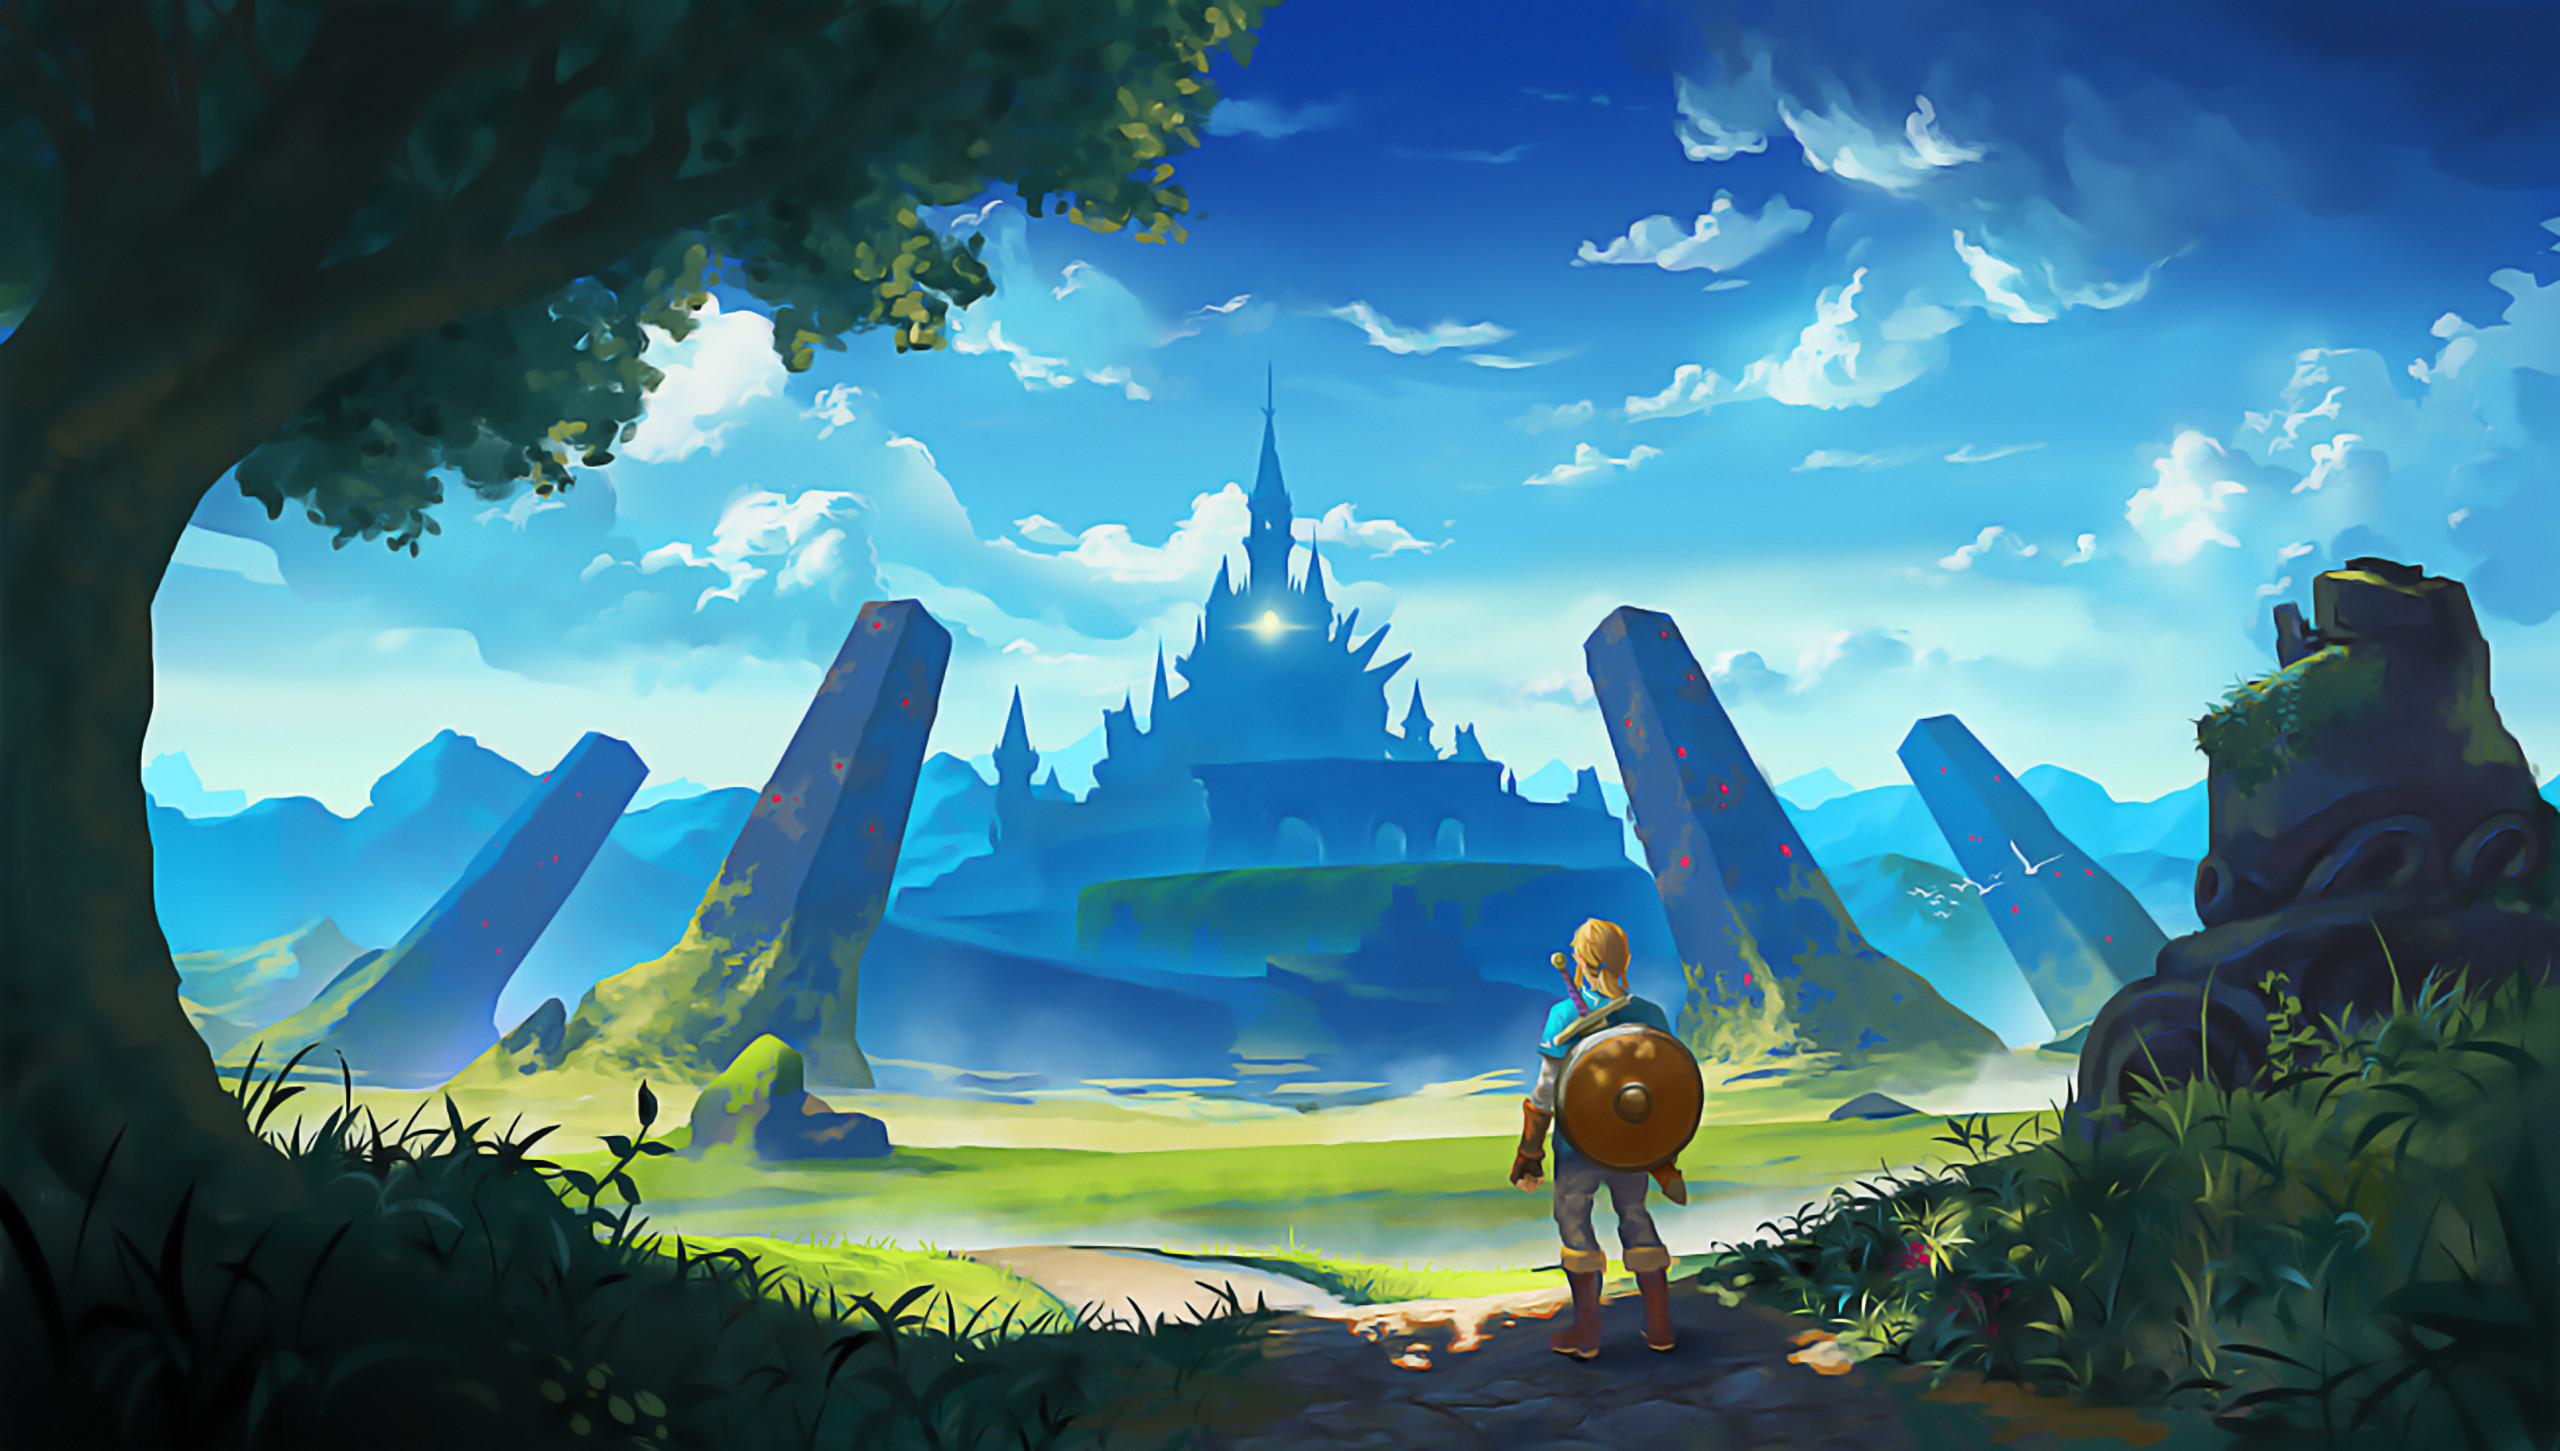 Legend of Zelda HD Wallpaper (82+ images)